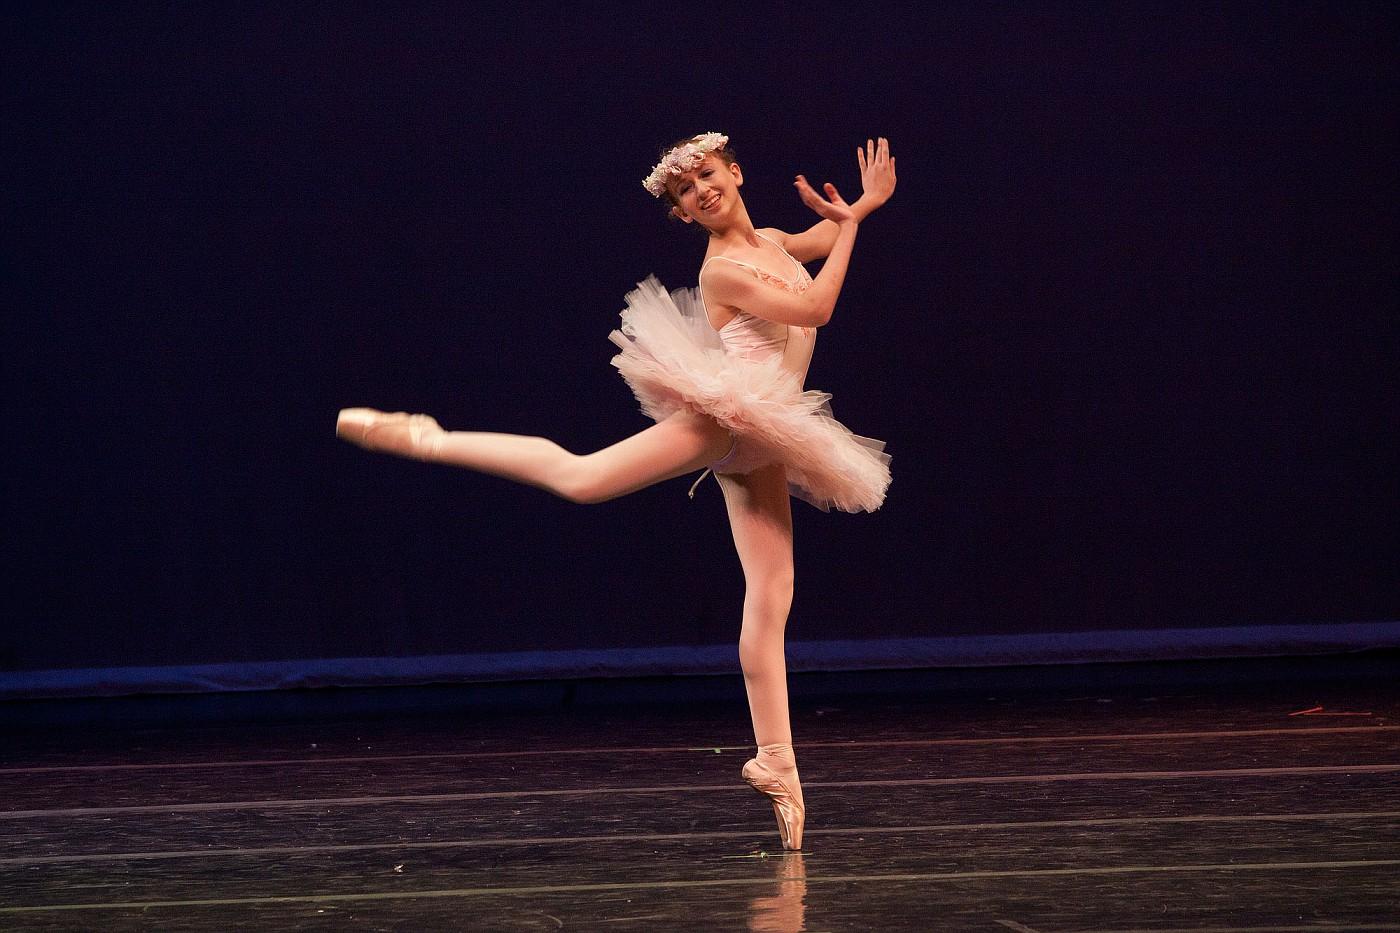 portrait-photography-children-ballet-20100617_0055.jpg